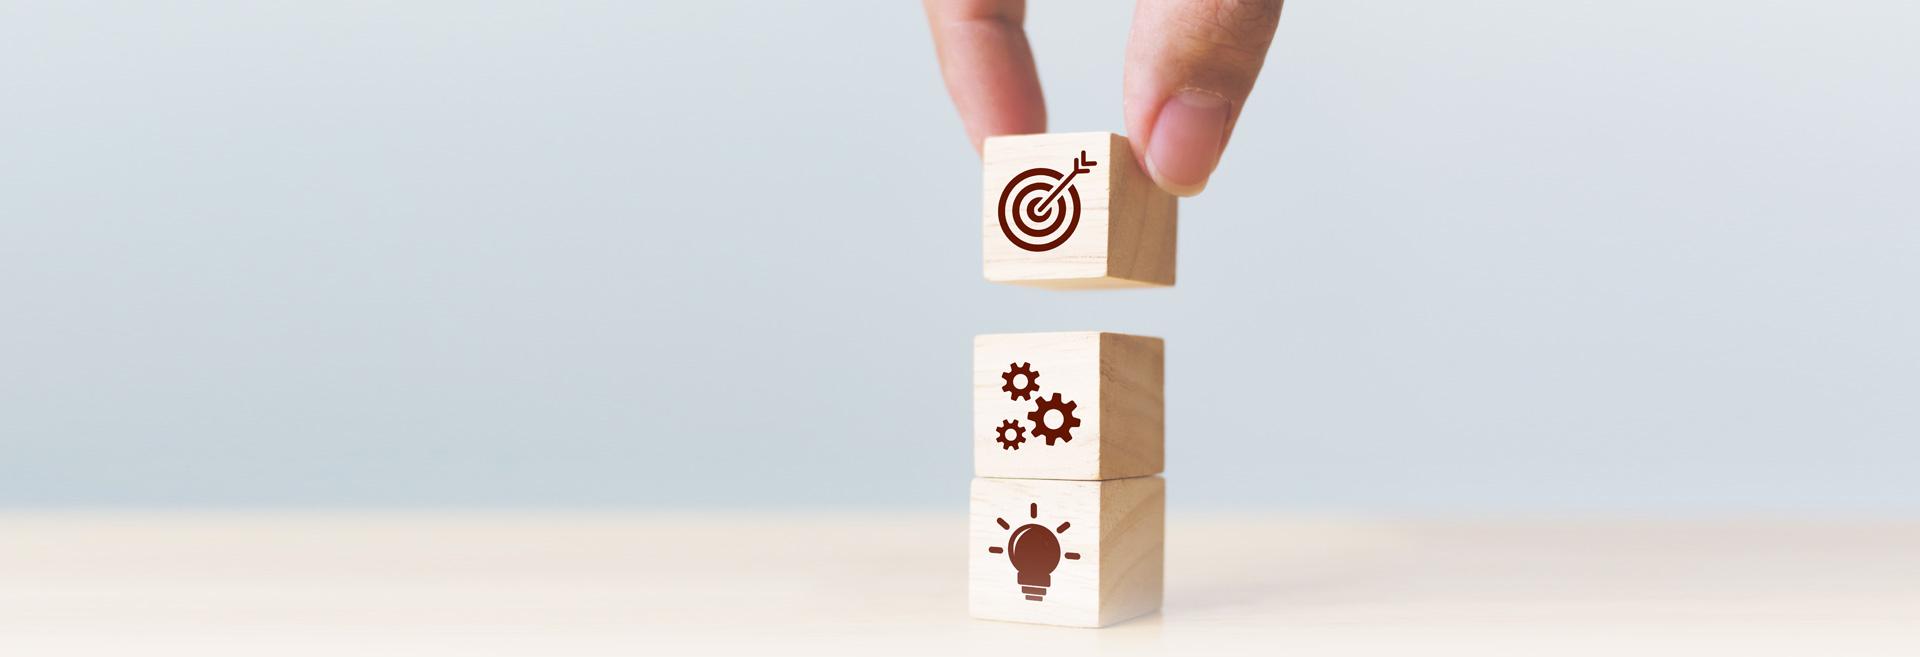 Optimisez puis certifiezla démarche qualitéde votre entreprise